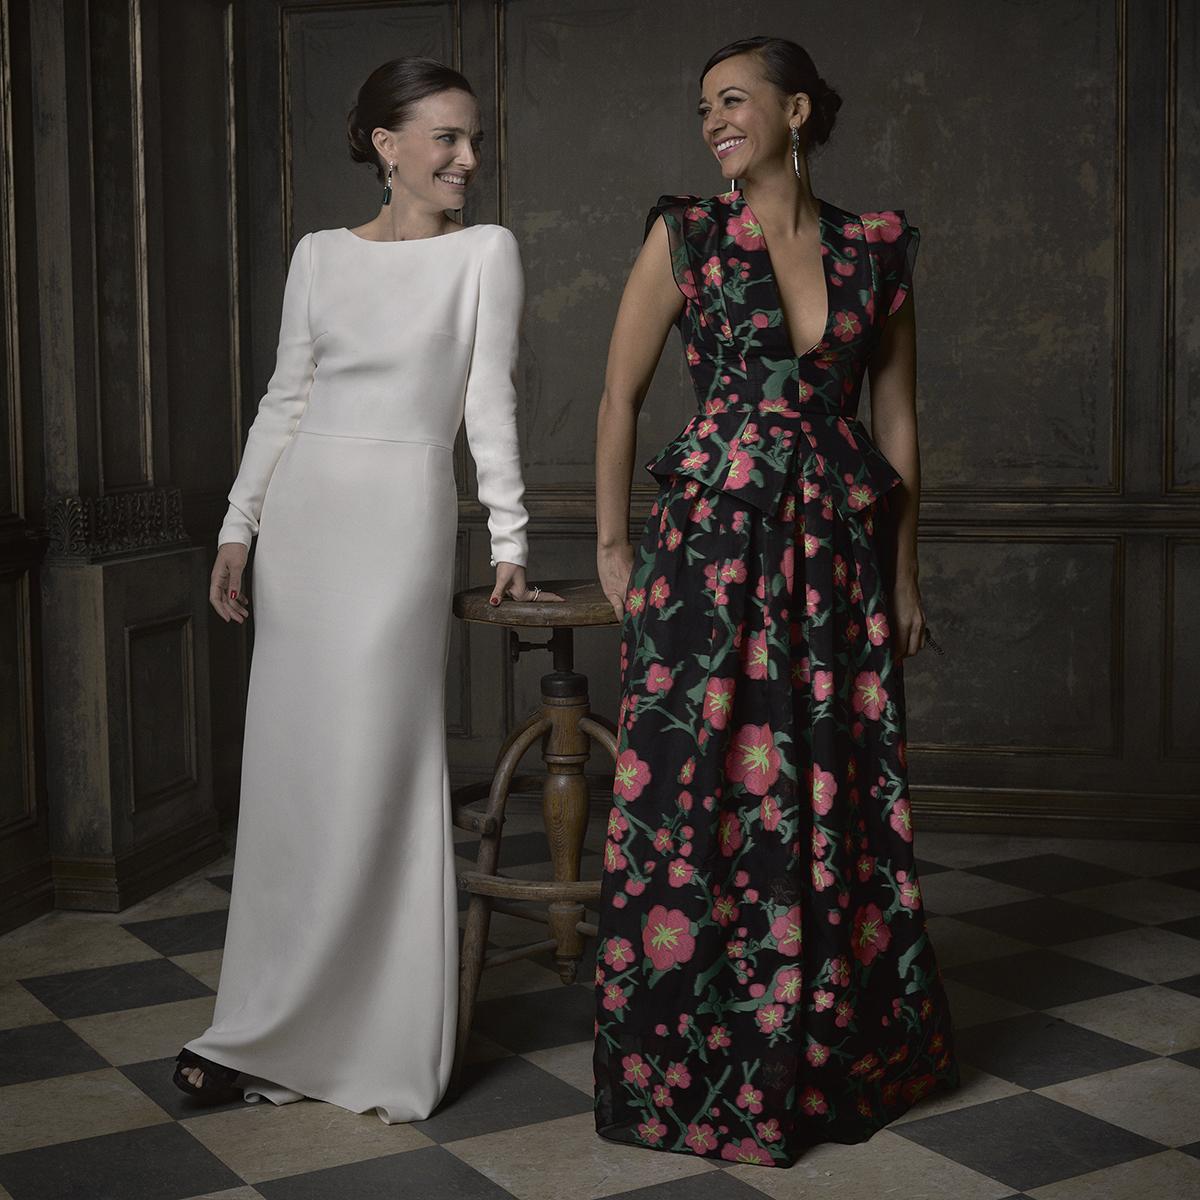 Natalie Portman and Rashida Jones